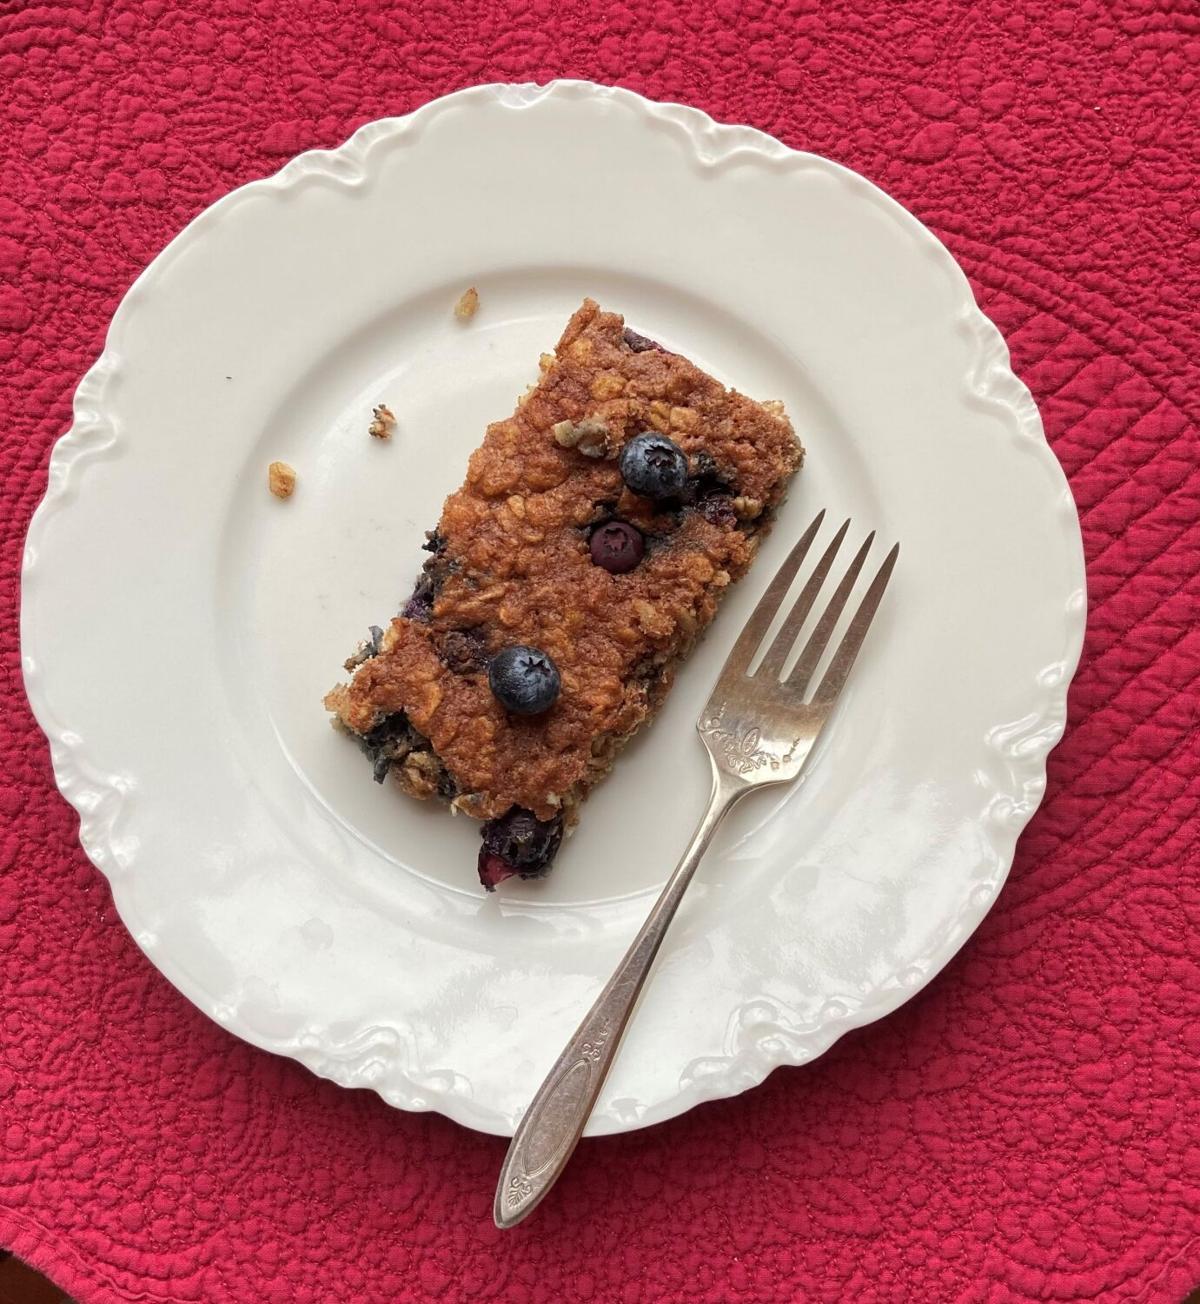 Blueberry baked oatmeal 2 by Judy Walker.jpg